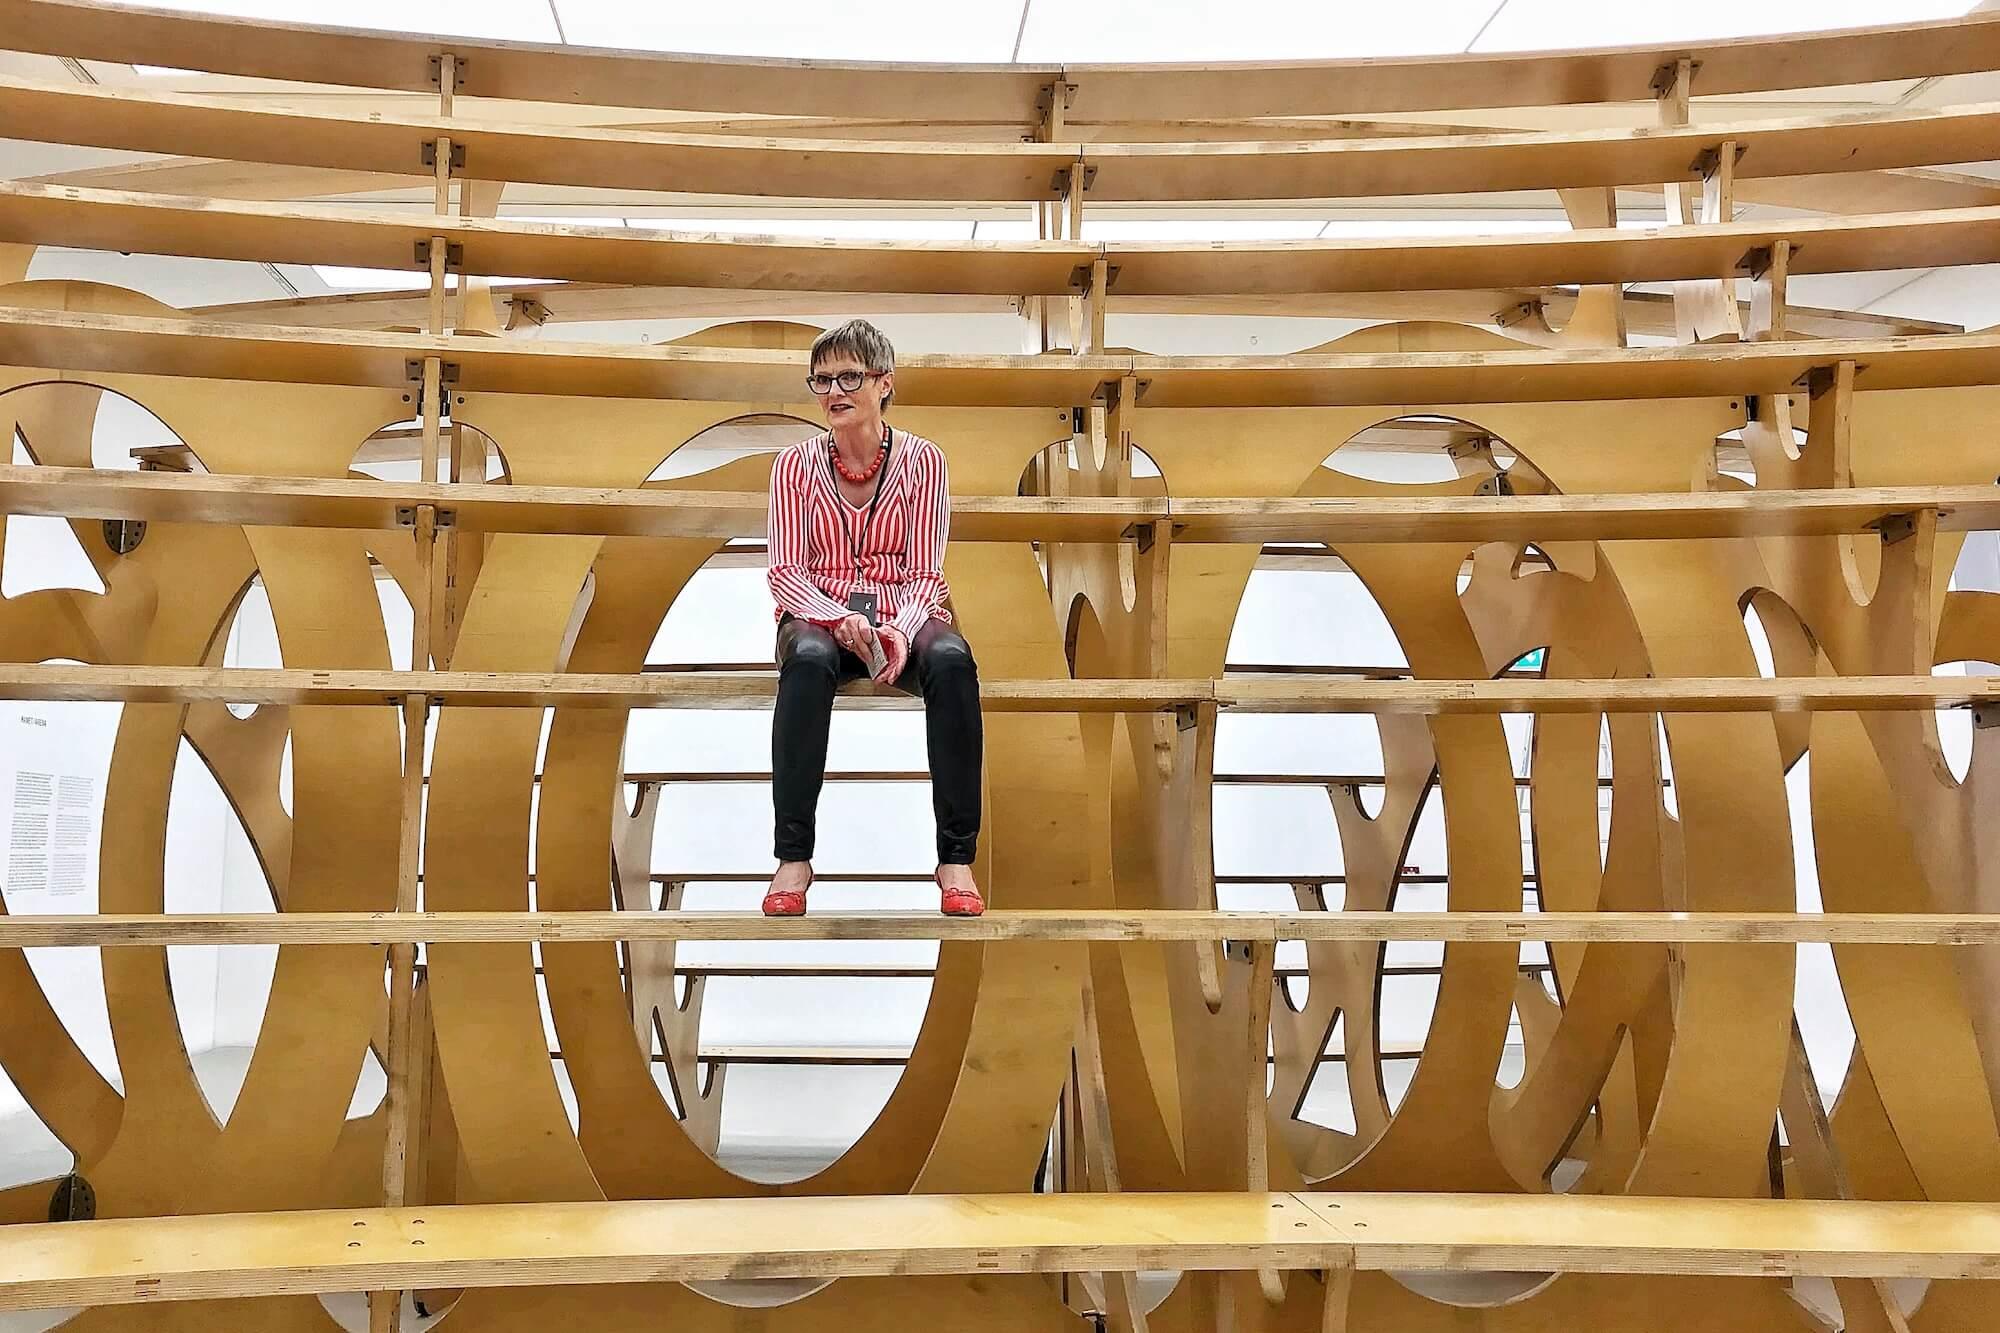 Wie kann aus einem Nicht-Besucher ein Museumsbesucher werden? Ein Interview mit Ulrike Lorenz, Direktorin der Kunsthalle Mannheim.